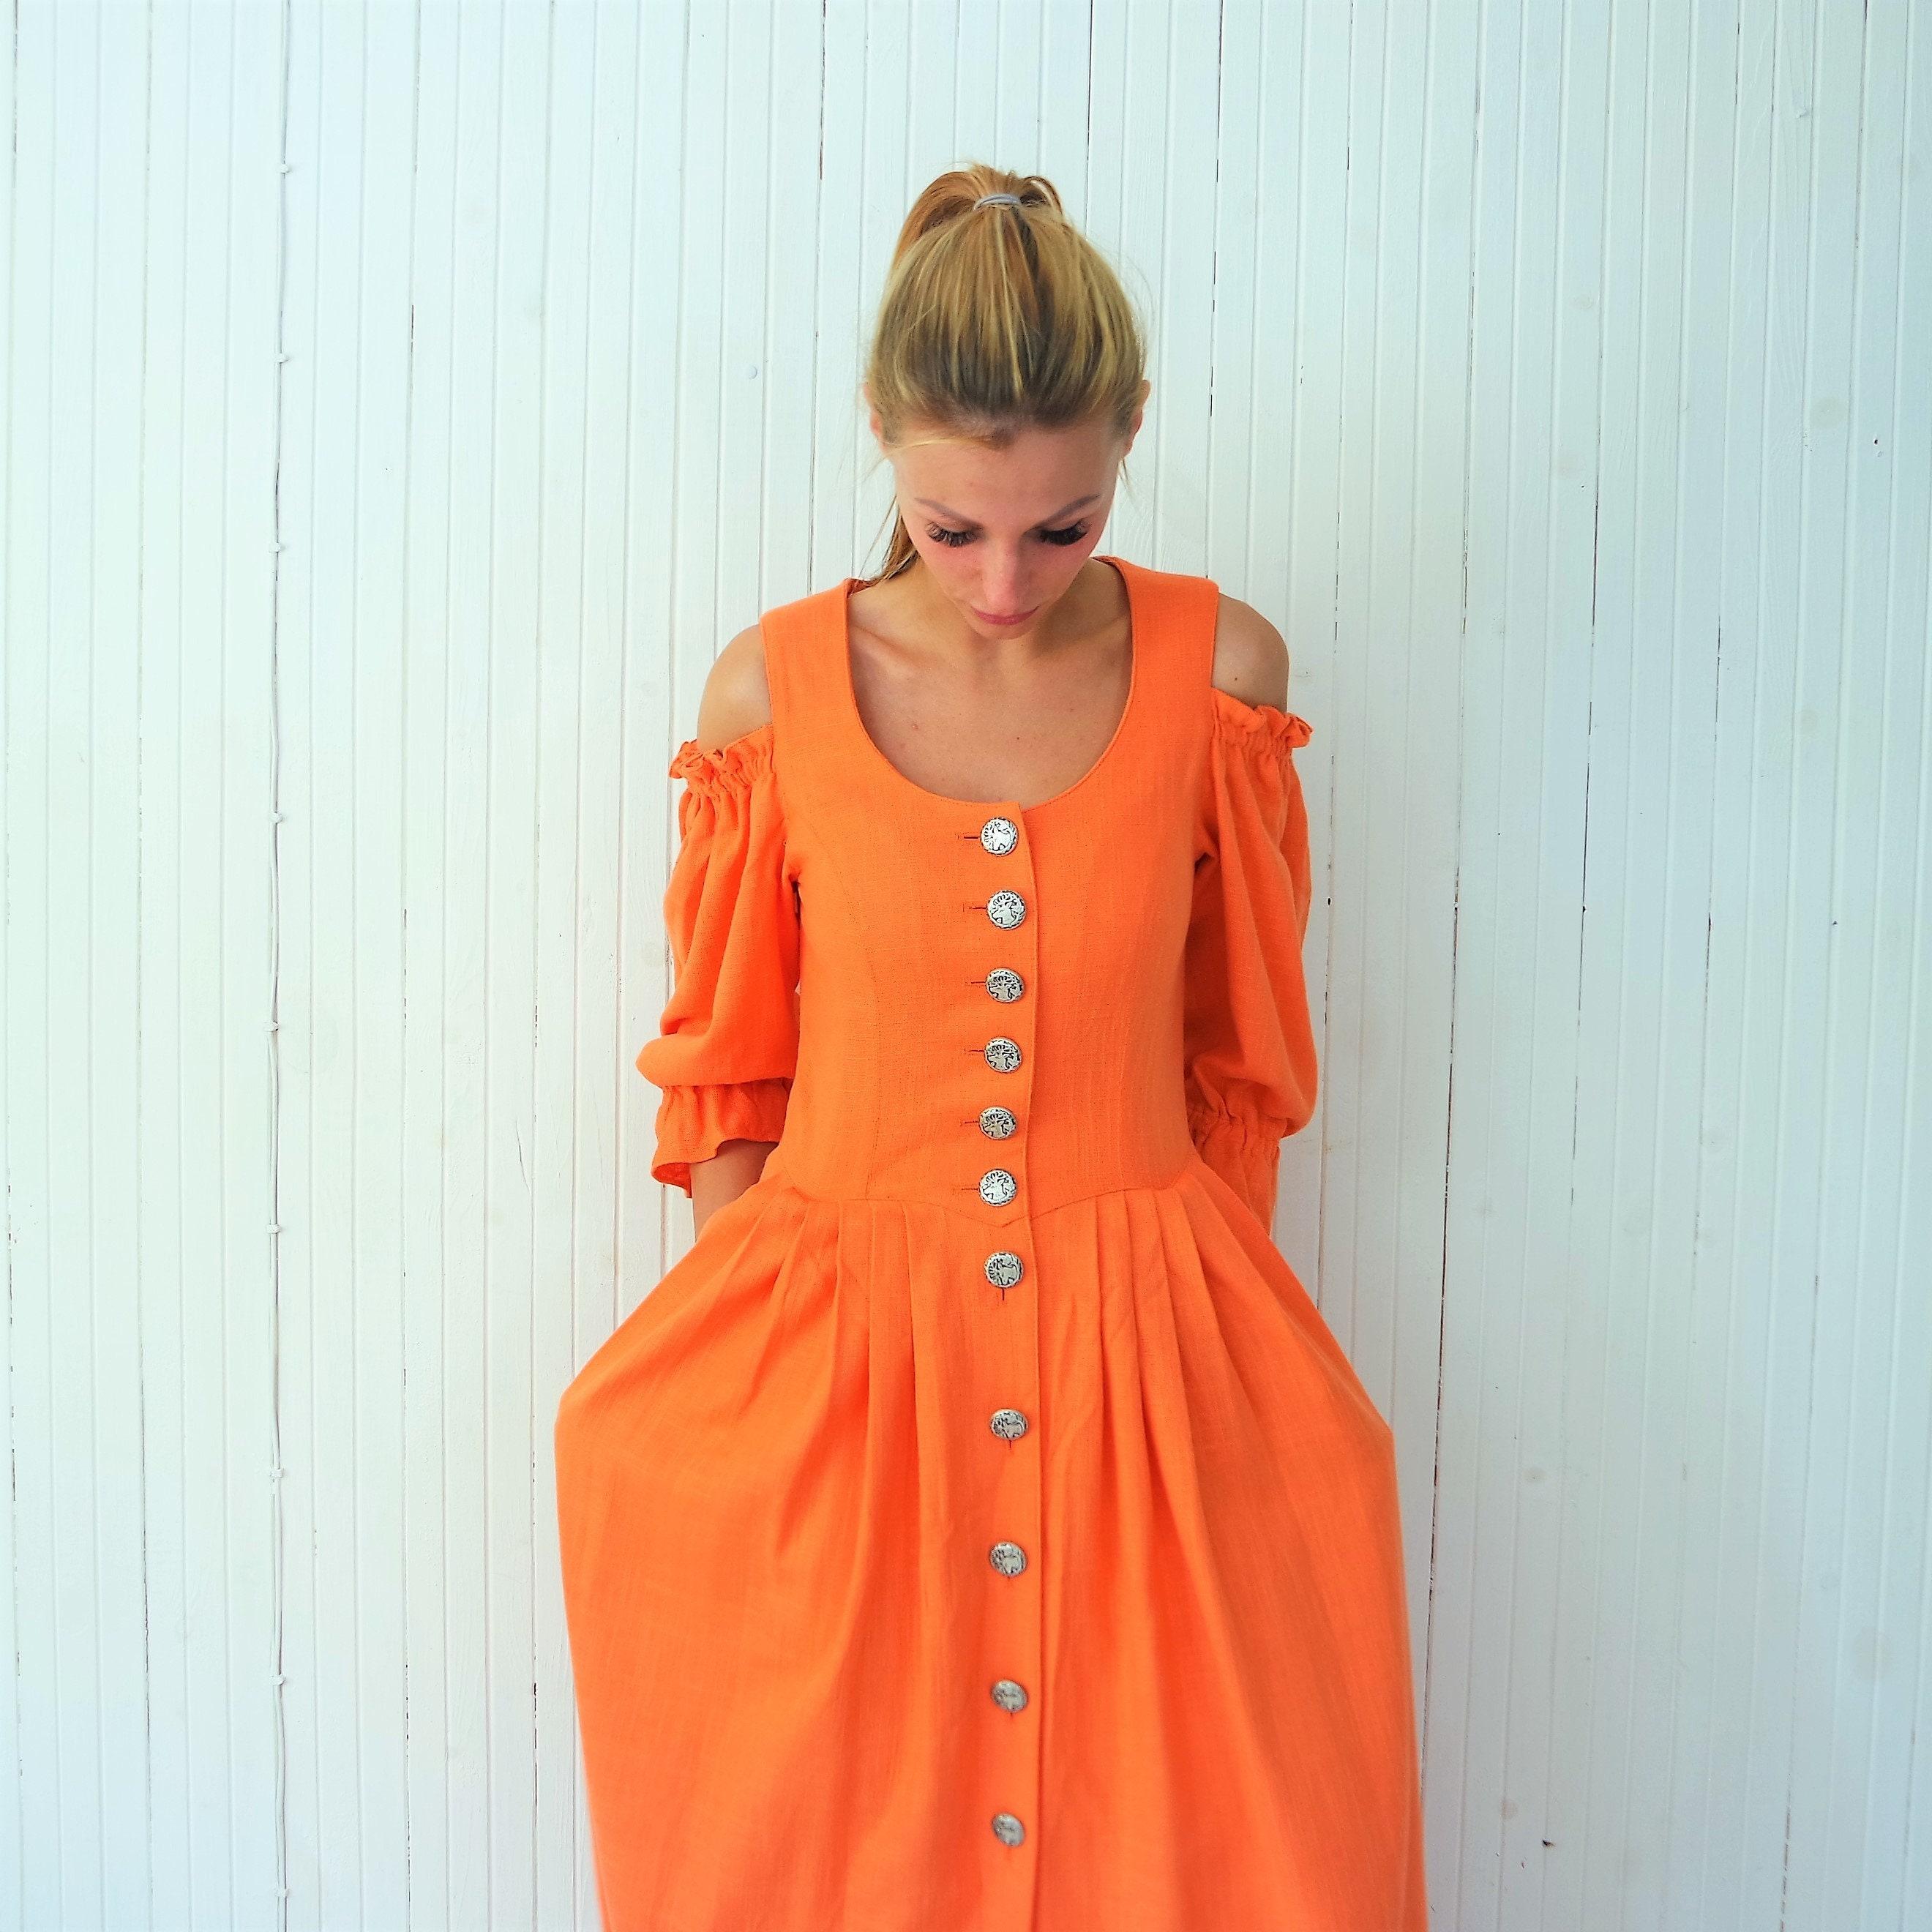 37b775b0c5973 Orange Linen Folk Dress Bavarian Dirndl Dress Maxi Oktoberfest